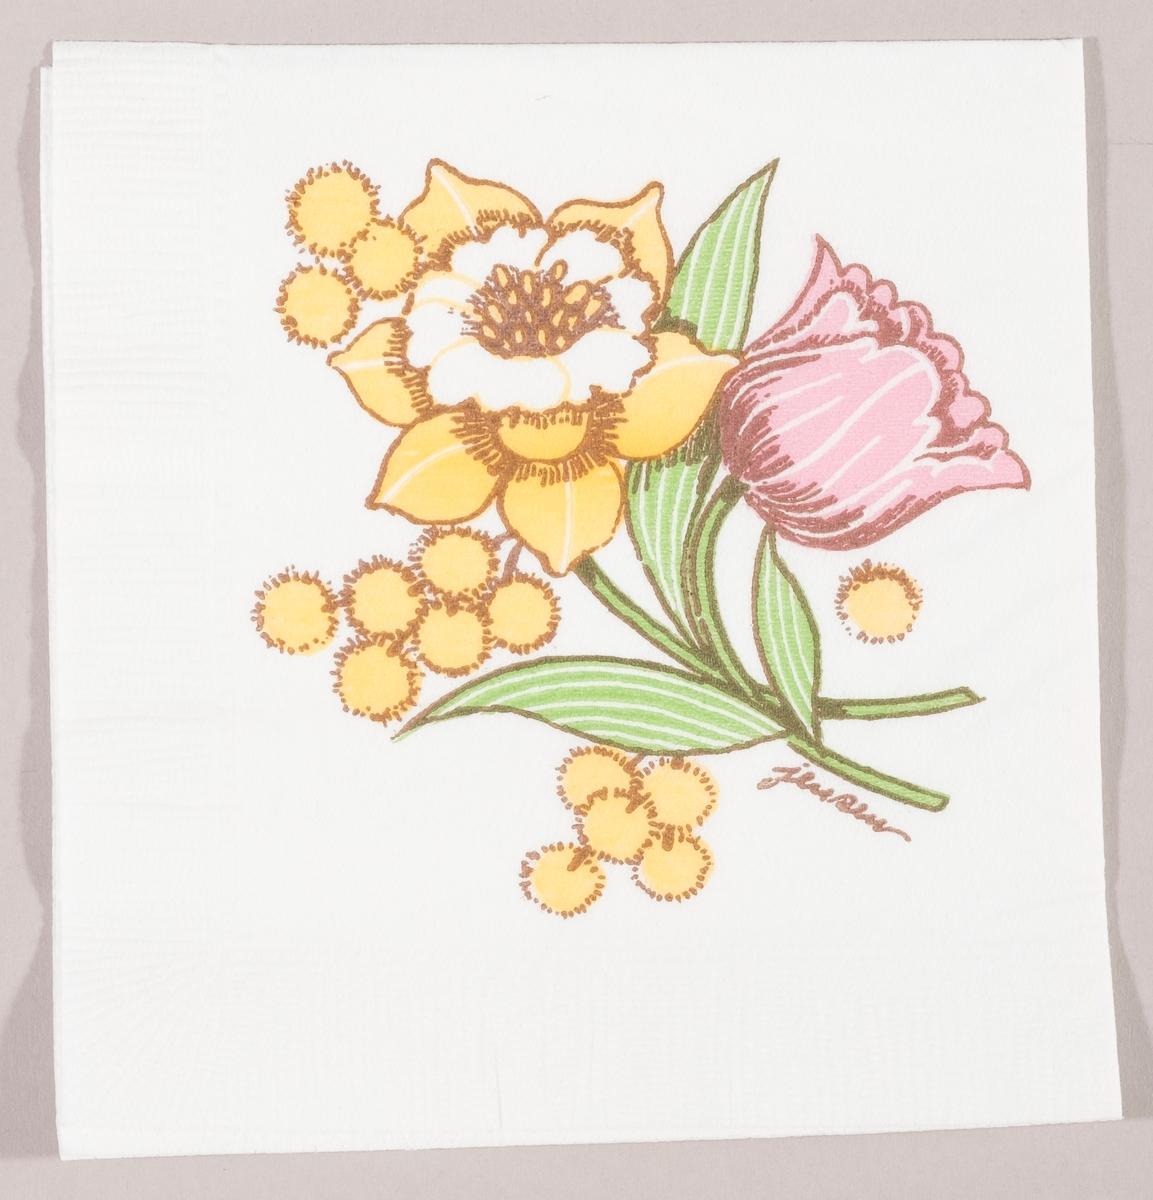 En bukett med en tulipan, en påskelilje og mimoser.